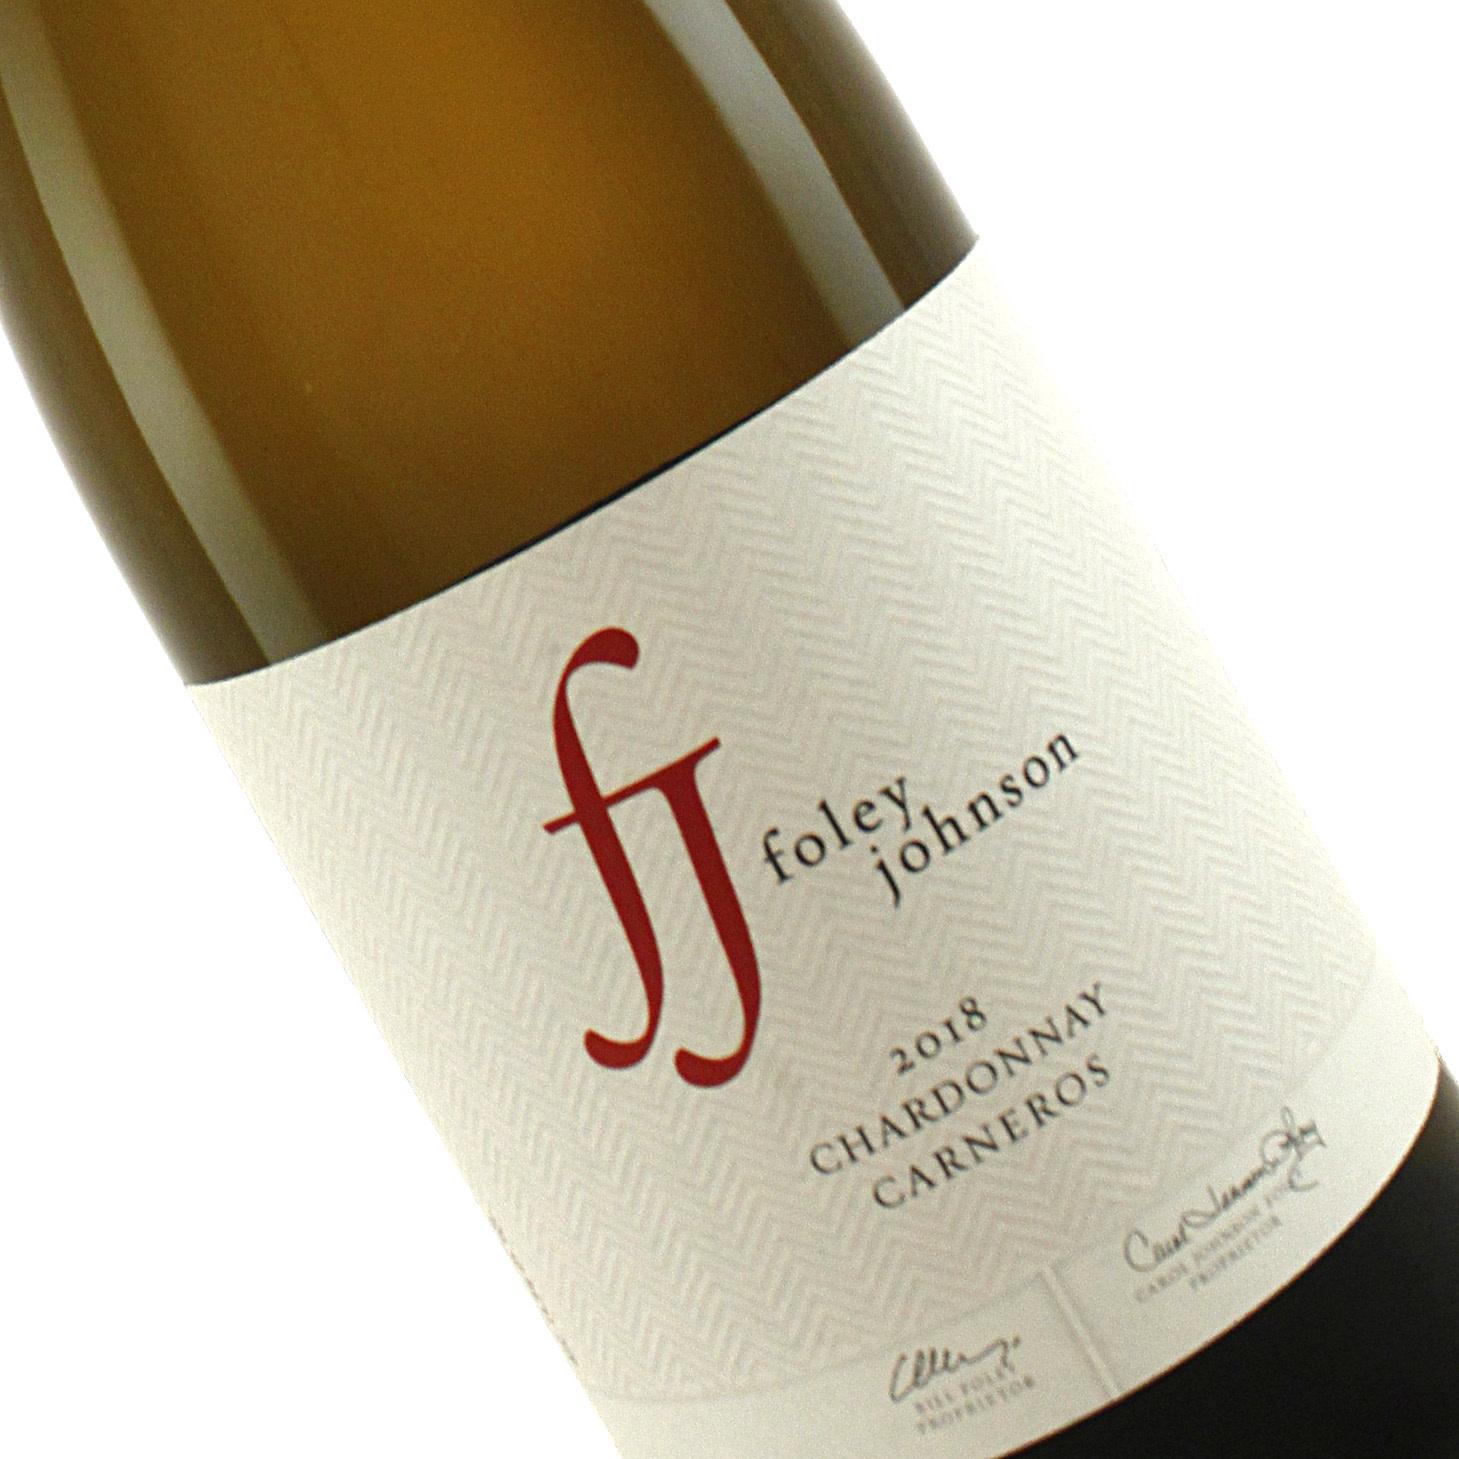 Foley Johnson 2018 Chardonnay Carneros, Sonoma County